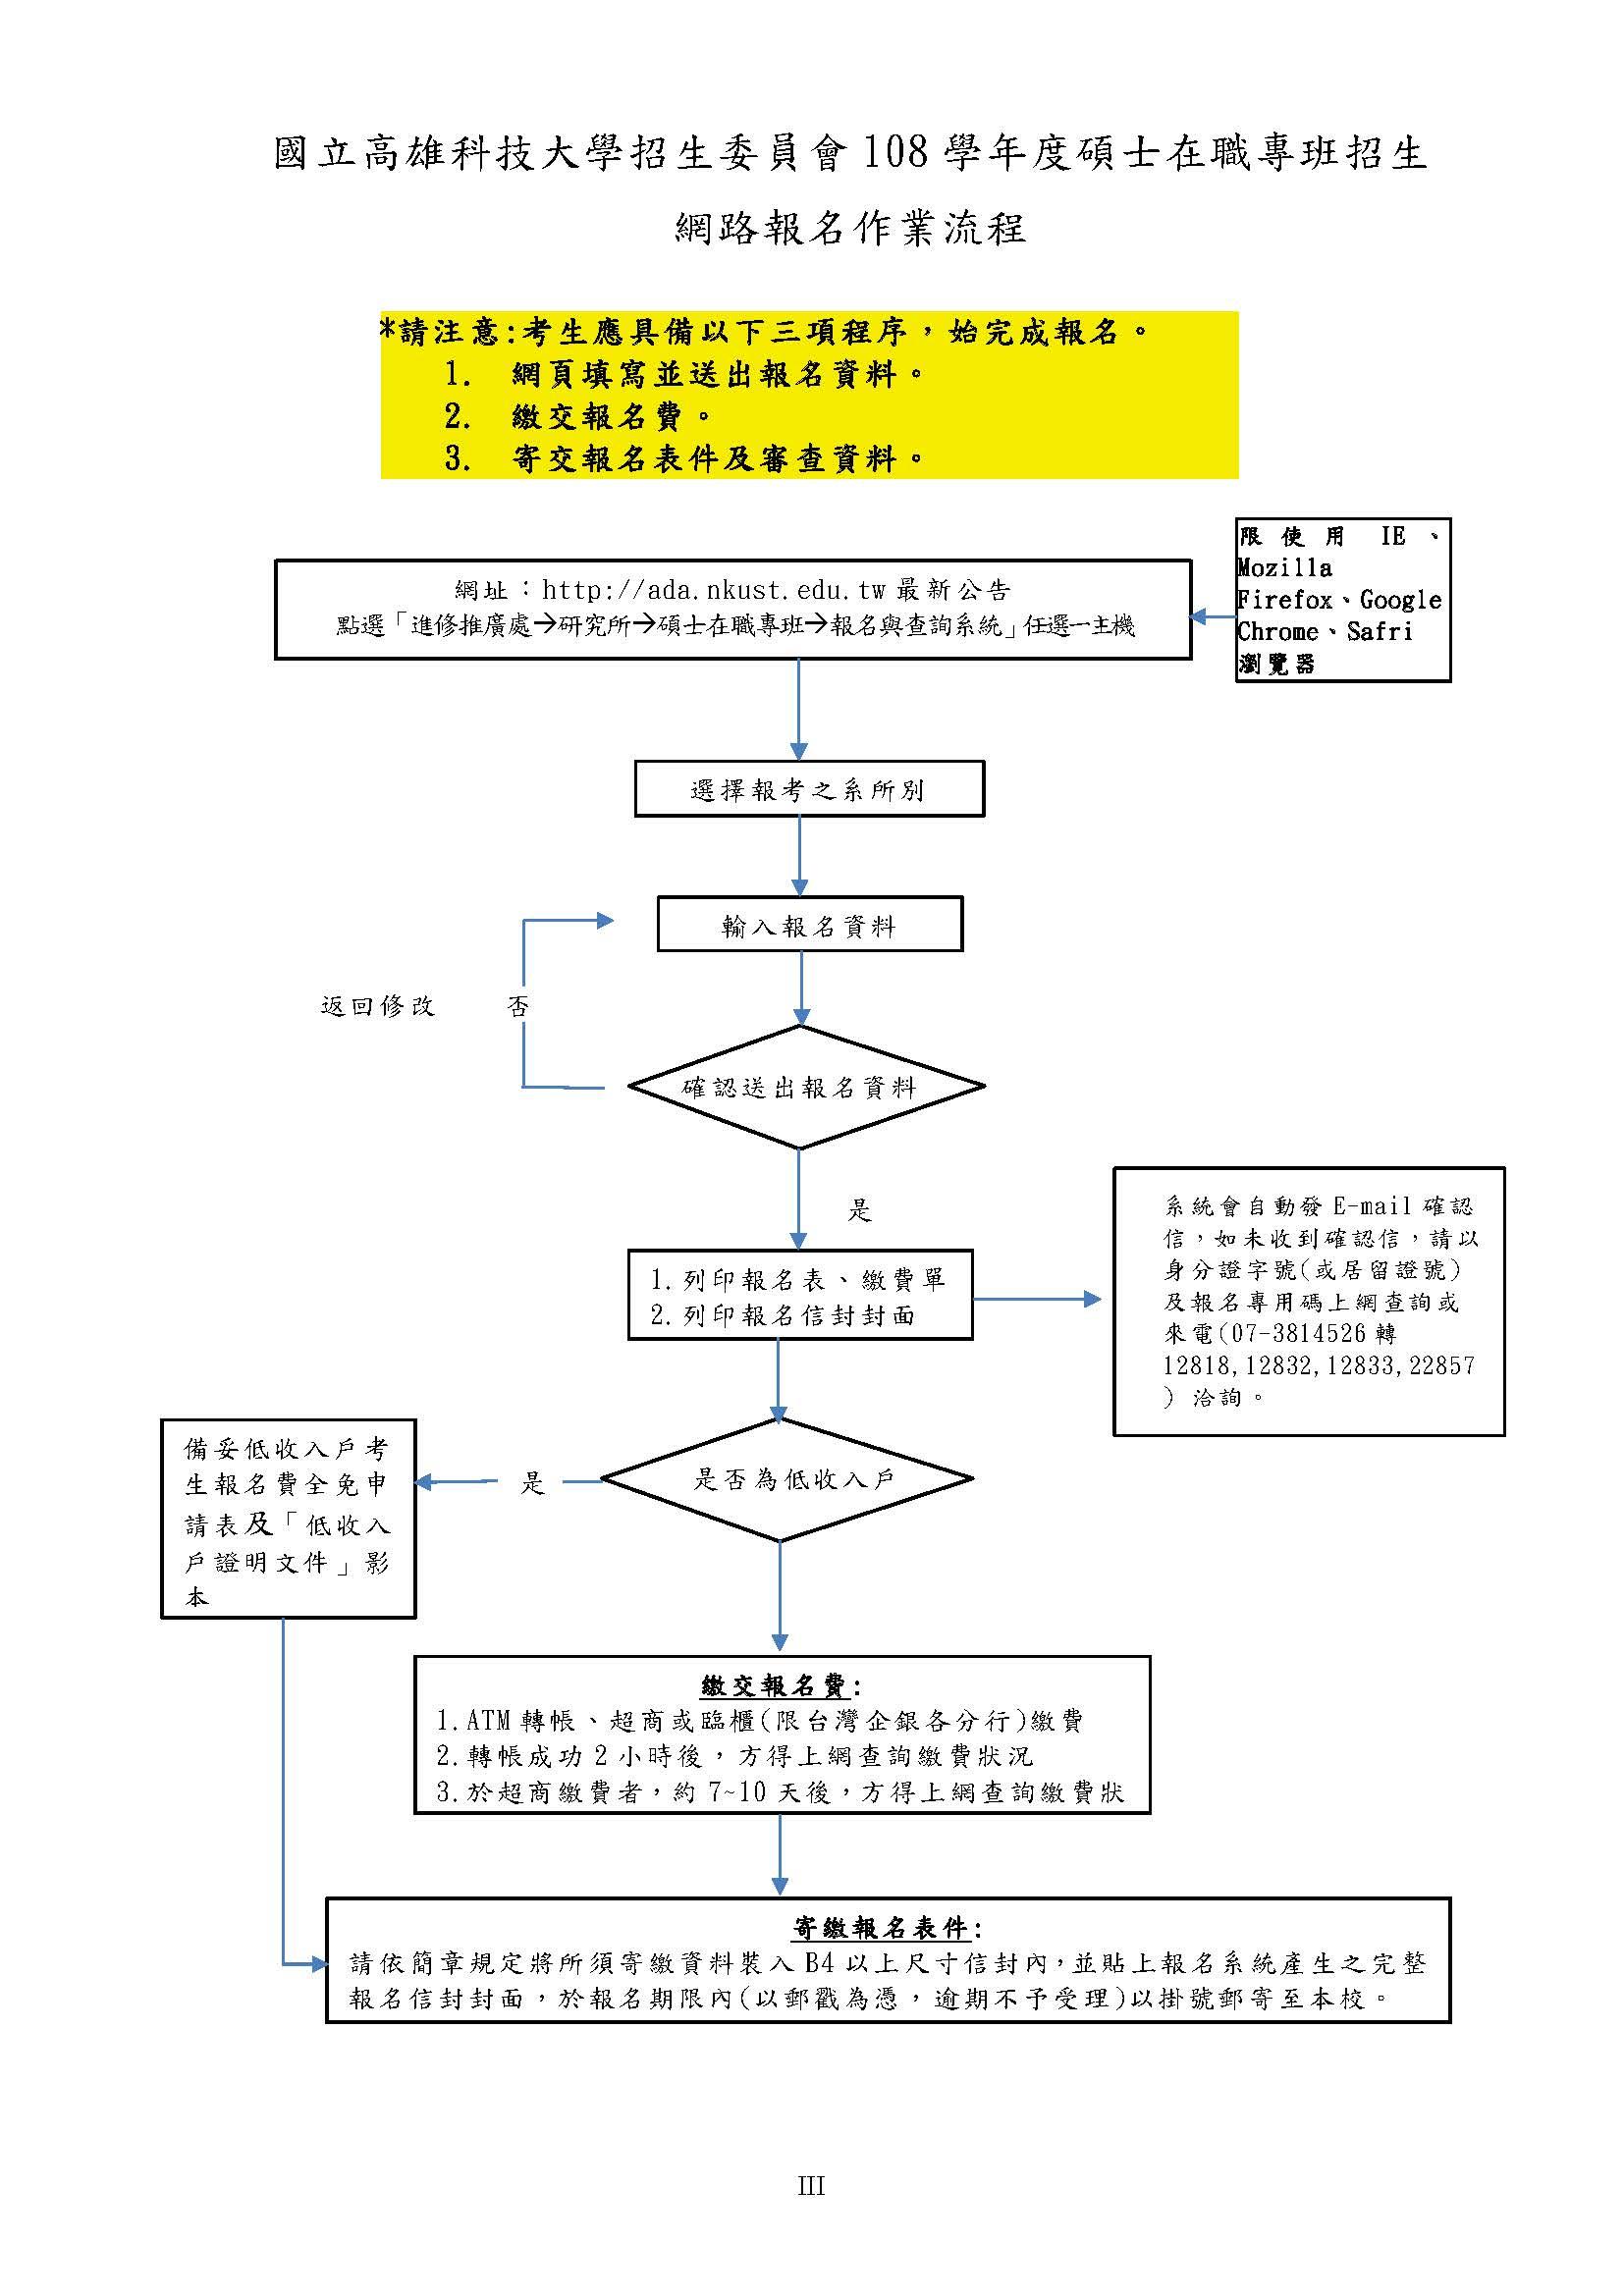 108學年度碩士在職專班招生簡章(流程圖).jpg